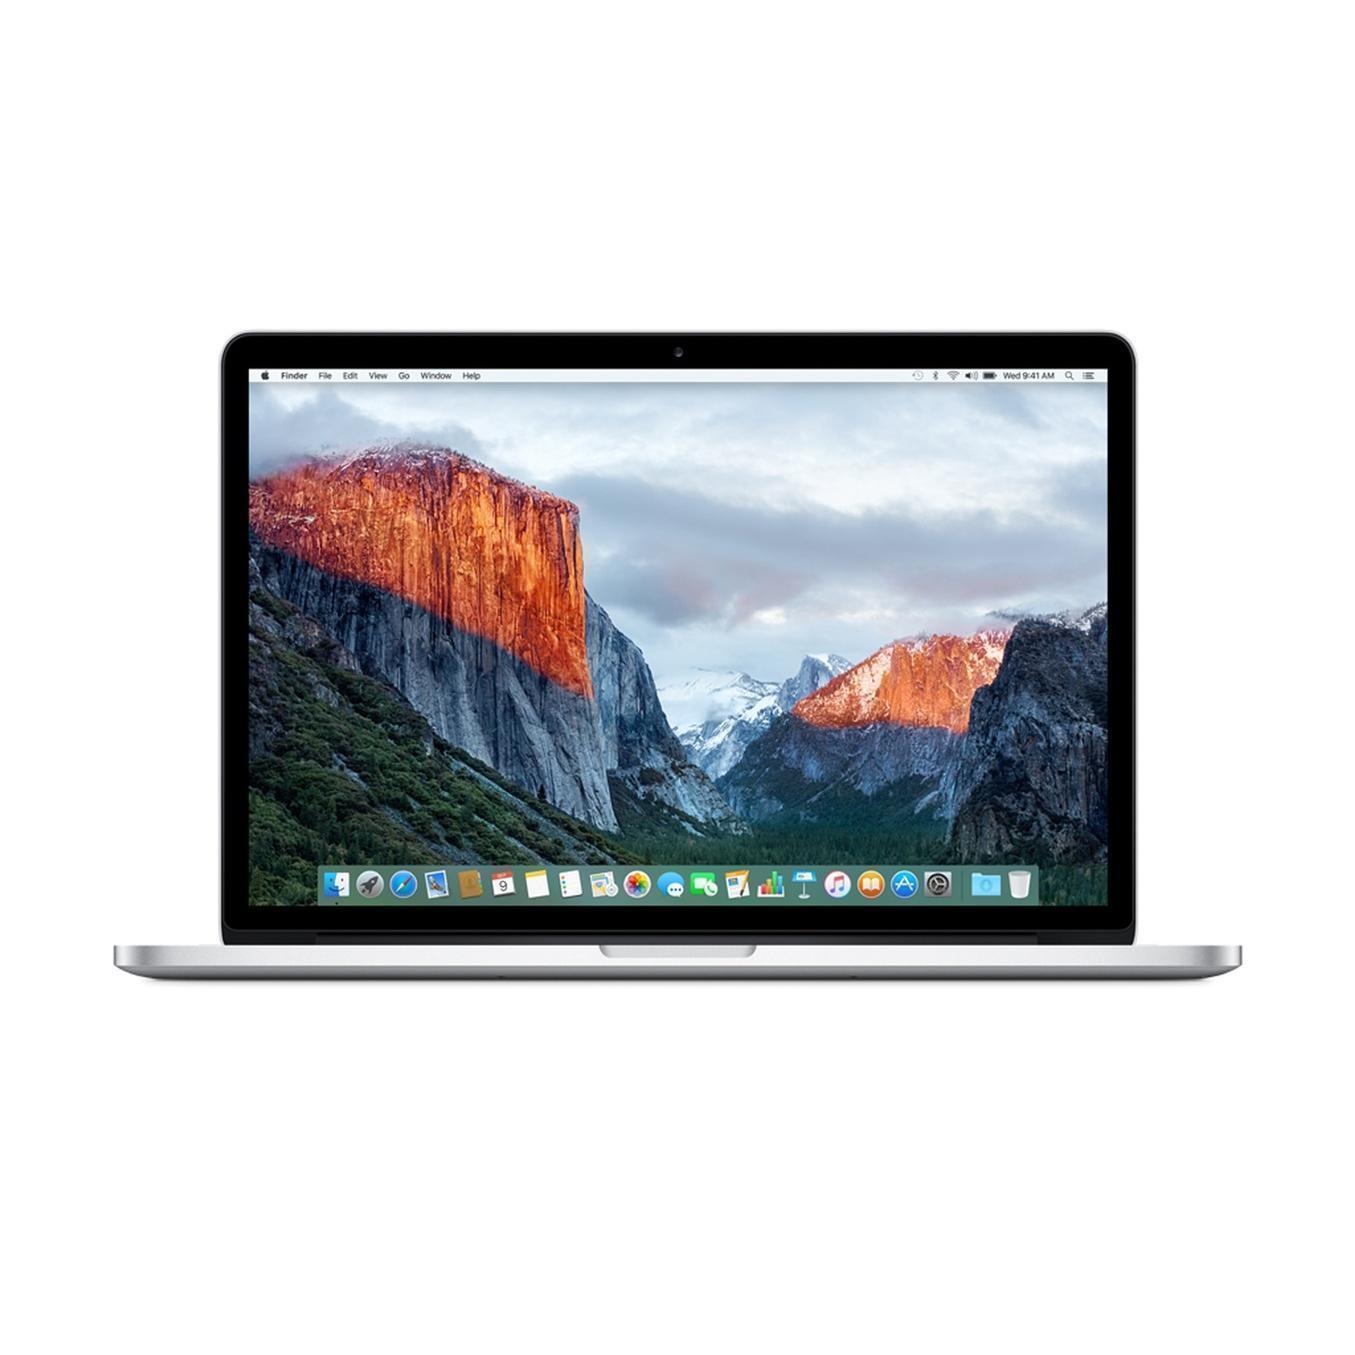 MacBook Pro Retina 15,4-tum (2014) - Core i7 - 16GB - SSD 512 GB QWERTY - Italienska